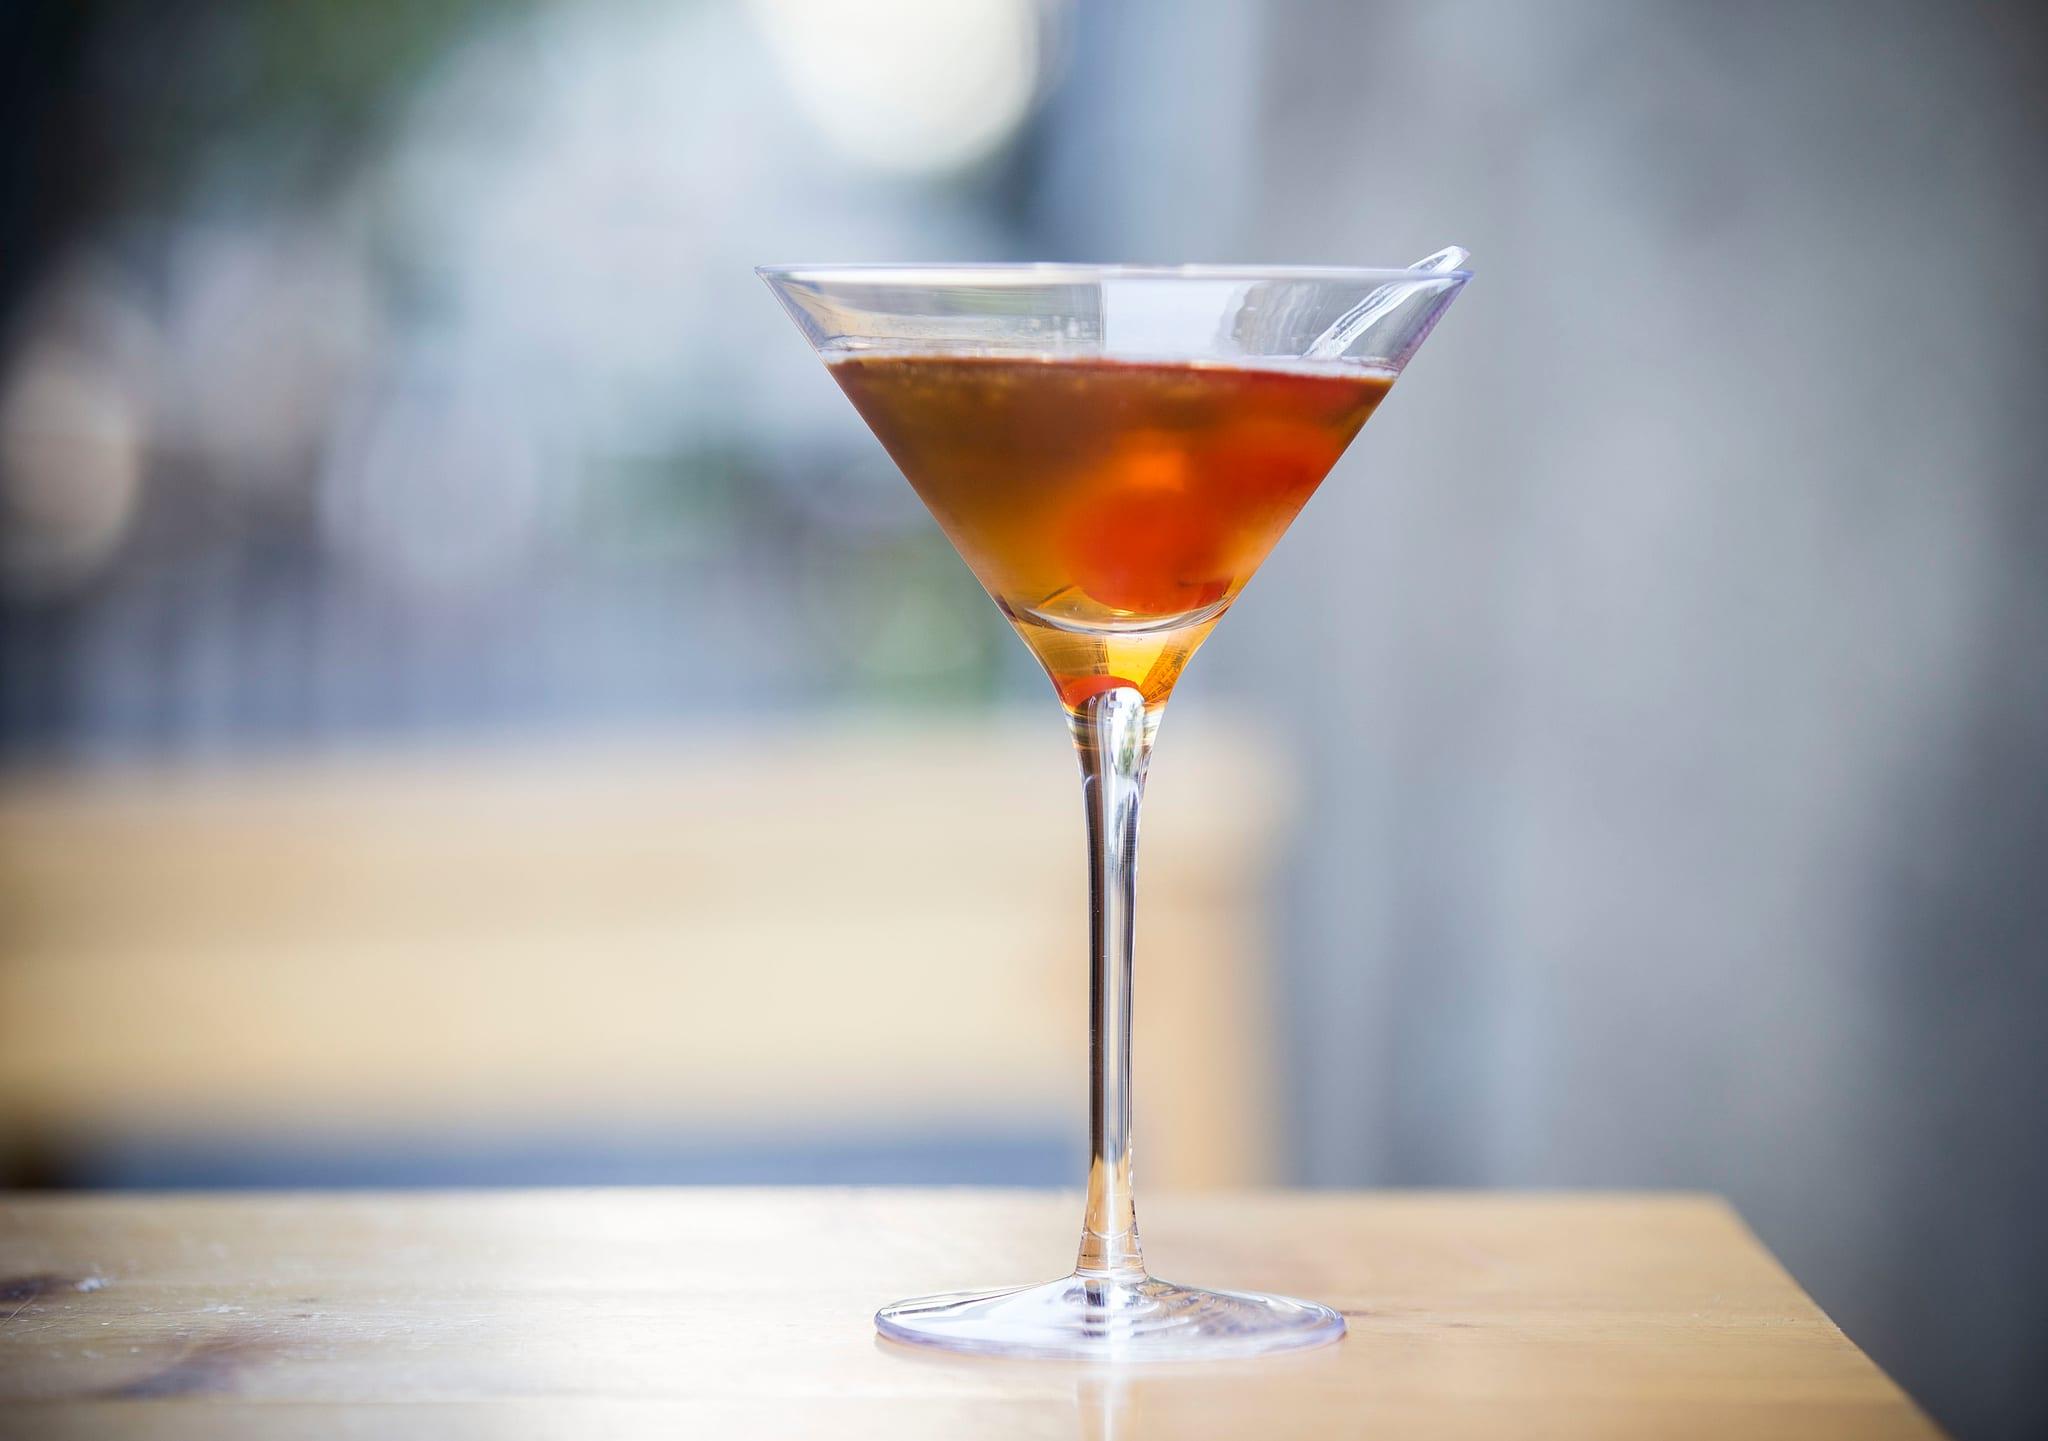 PÚBLICO - Para felicitar a vinda do Outono o melhor é aprender a aperfeiçoar o cocktail mais outonal que há: o Manhattan